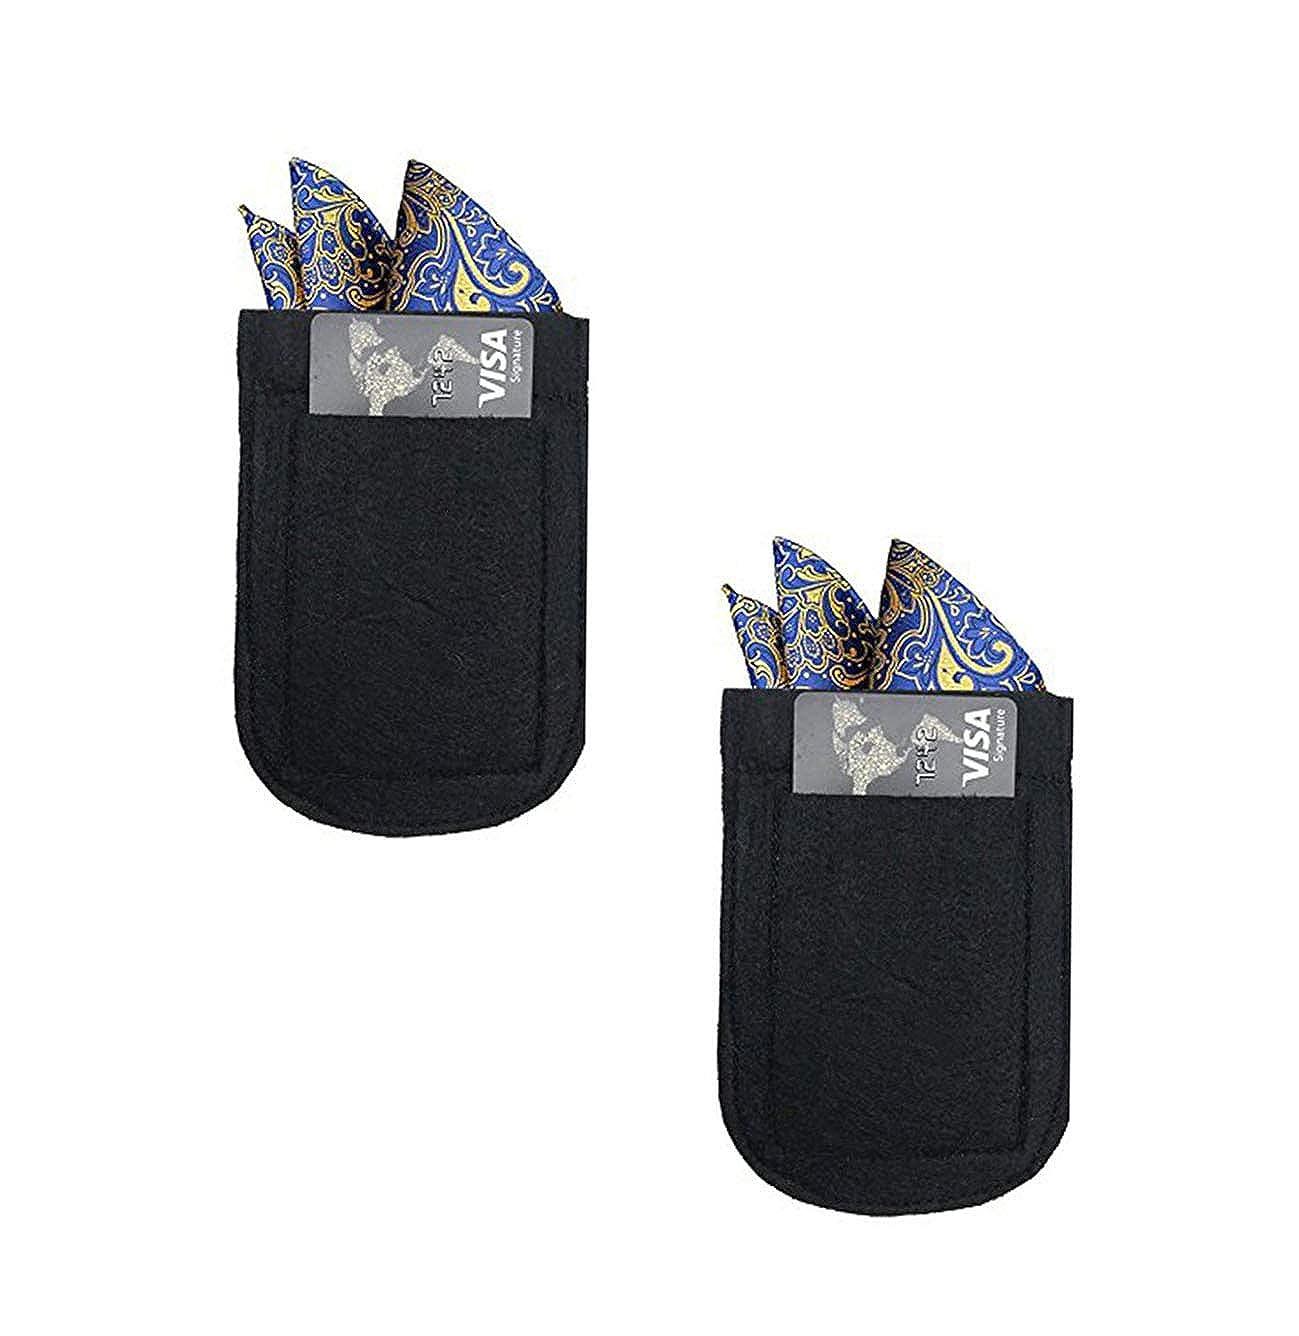 indumenti protettivi riutilizzabili antibatterici ad alta protezione Tuta antipolvere antistatica Fesjoy Tuta di isolamento per tuta